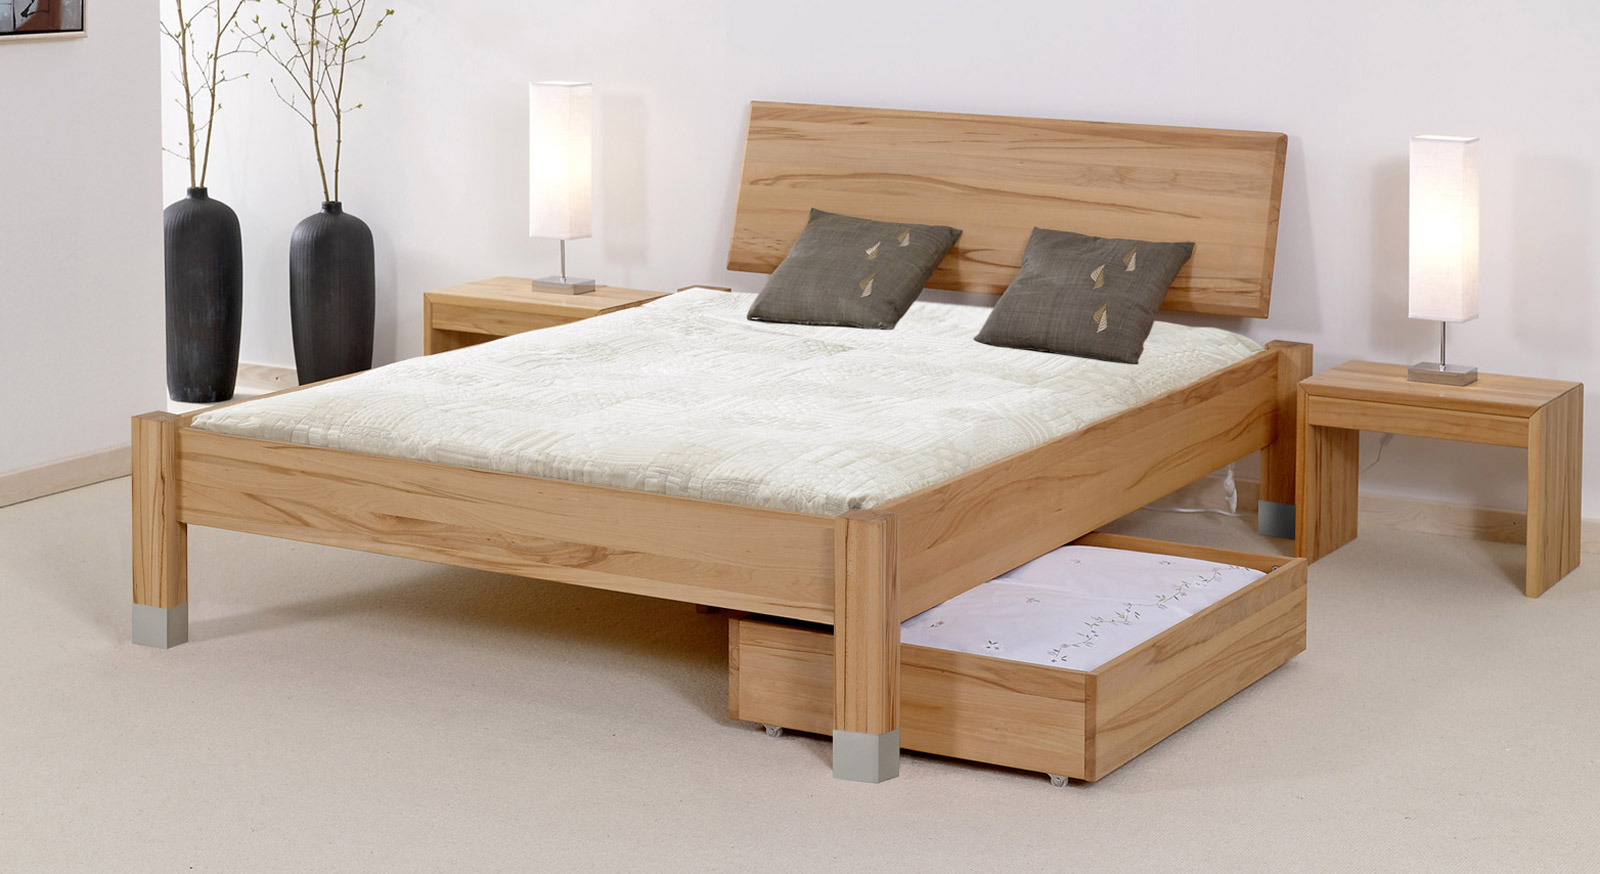 Bett Bergamo mit passenden Produkten